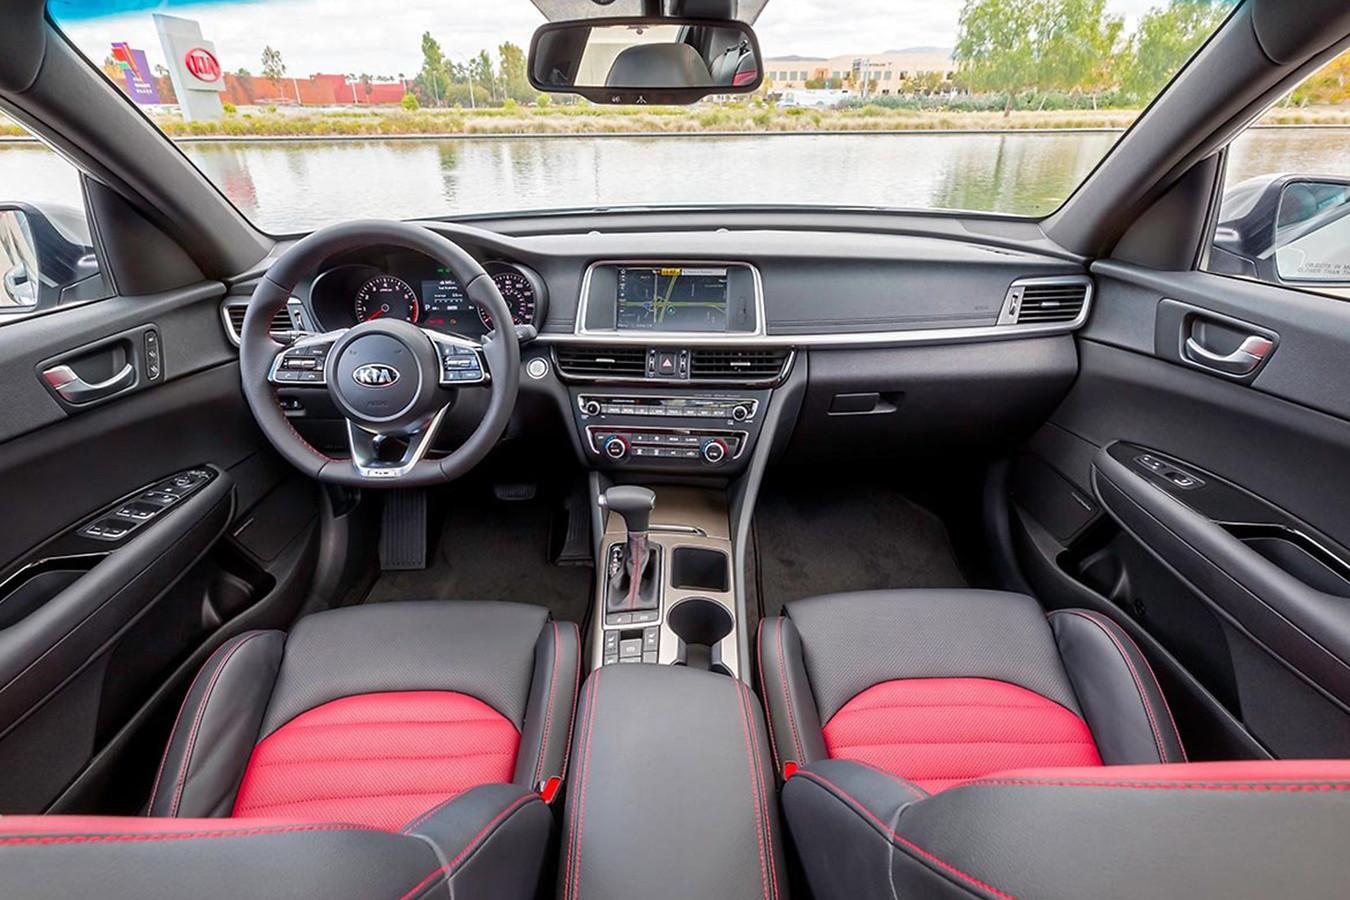 Interior of the 2020 Kia Optima